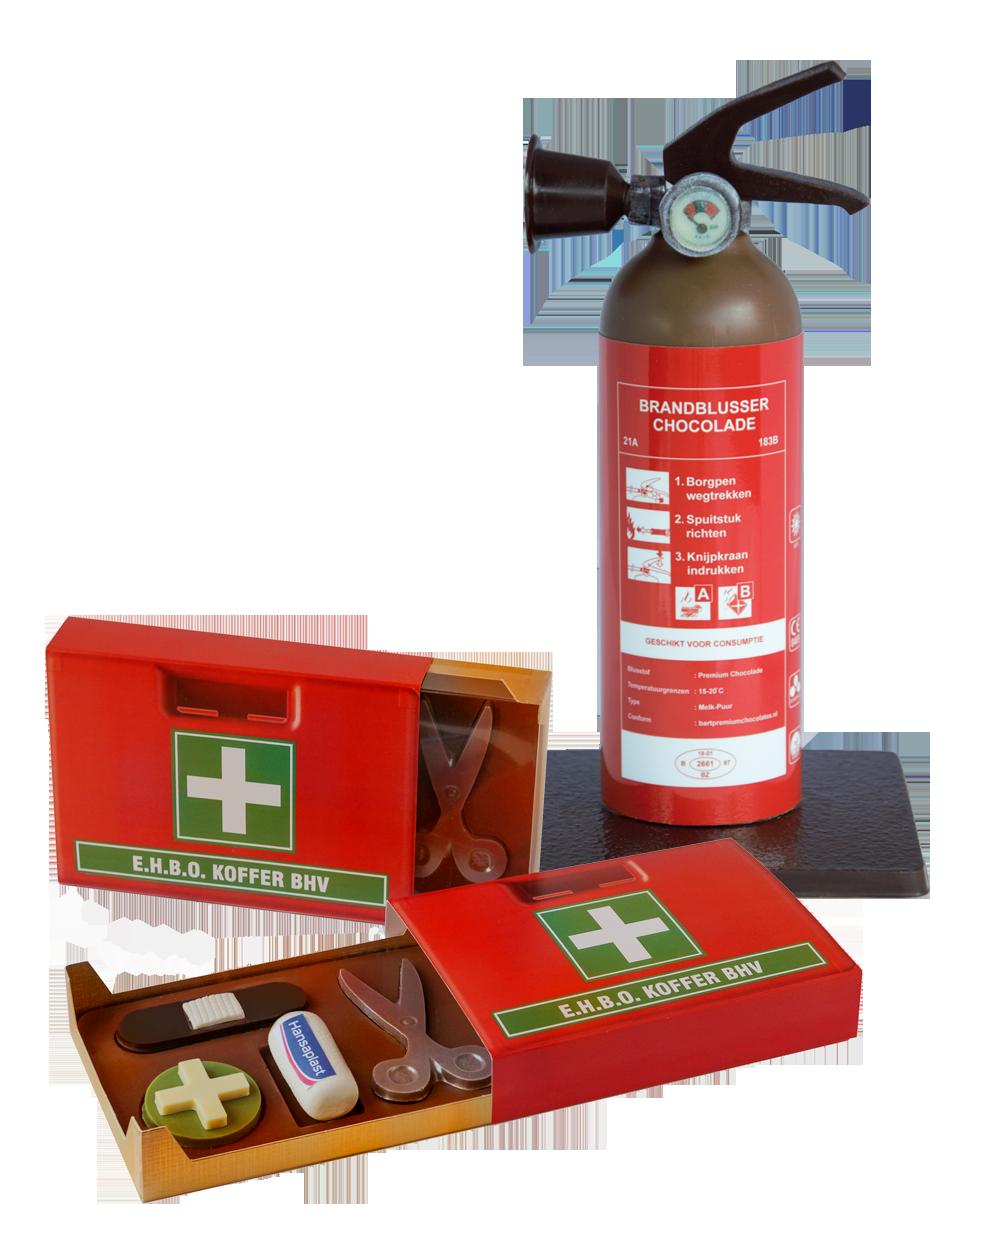 EHBO koffer brandblusser van chocolade geschenk medisch zorg